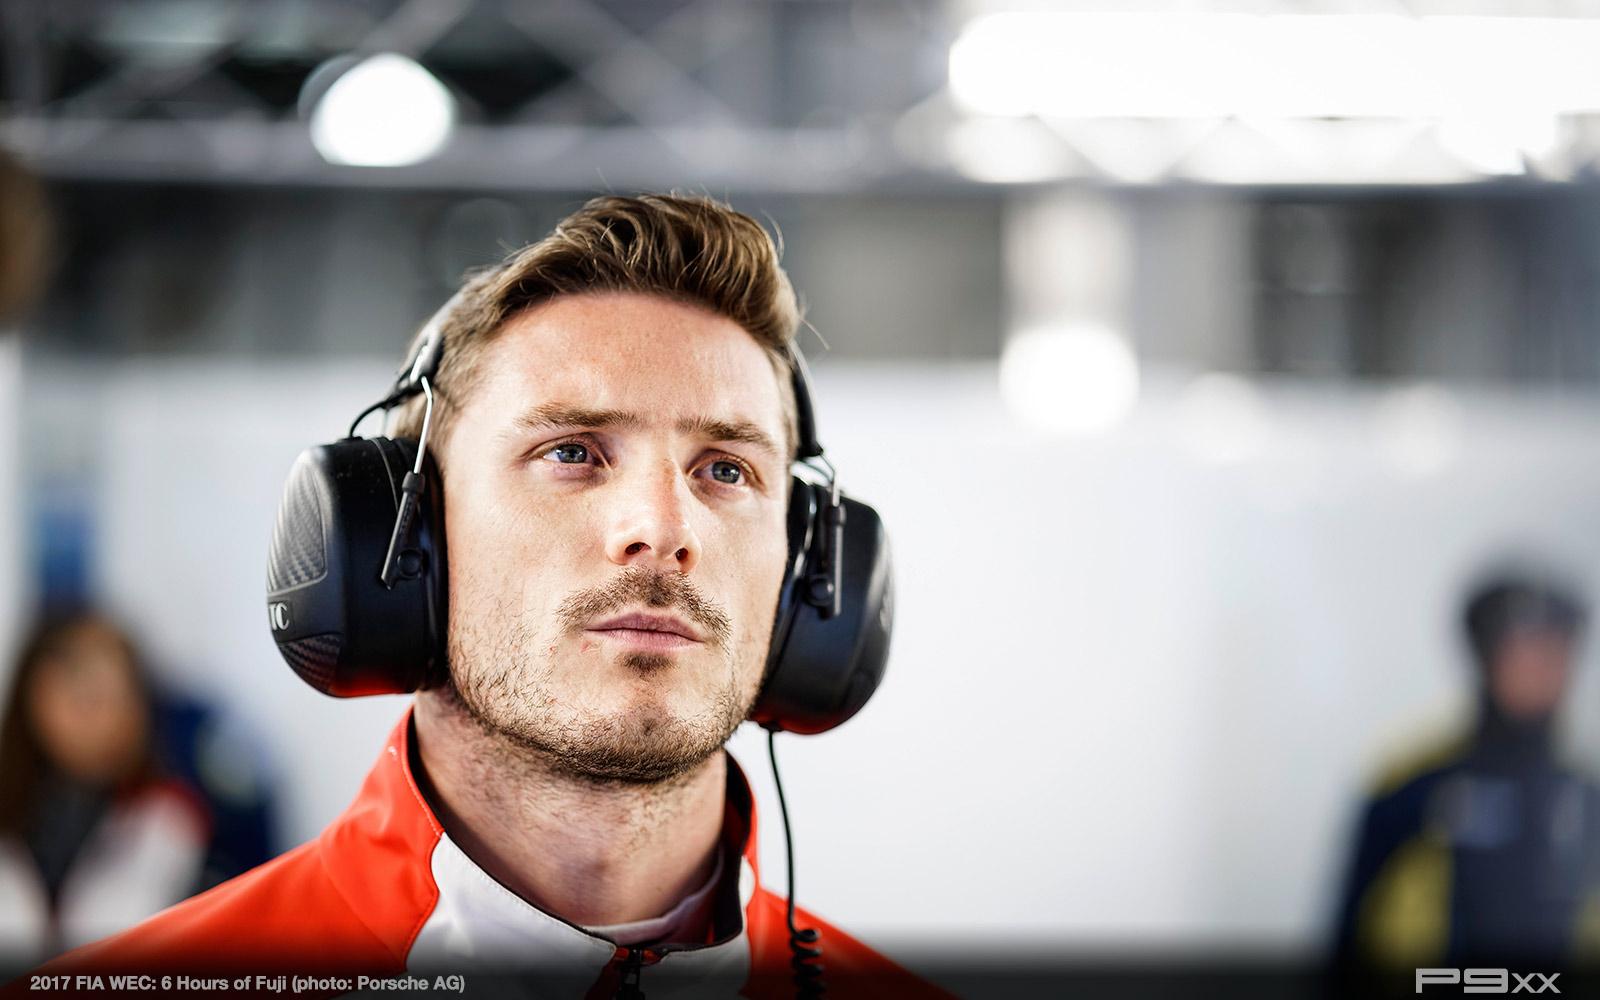 2017-FIA-WEC-6h-of-Fuji-Porsche-460